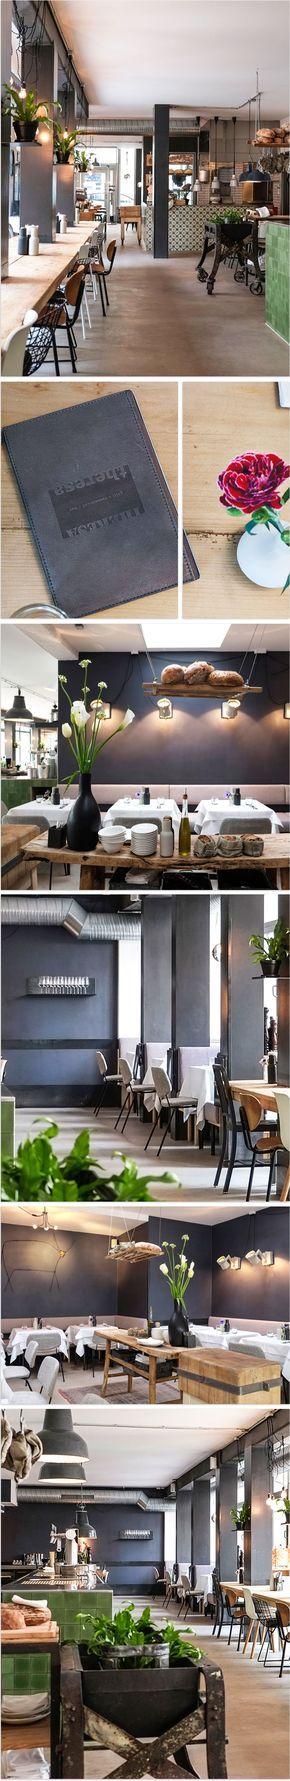 ber ideen zu pflanztisch auf pinterest indoor wasserbrunnen zimmerbrunnen selber. Black Bedroom Furniture Sets. Home Design Ideas